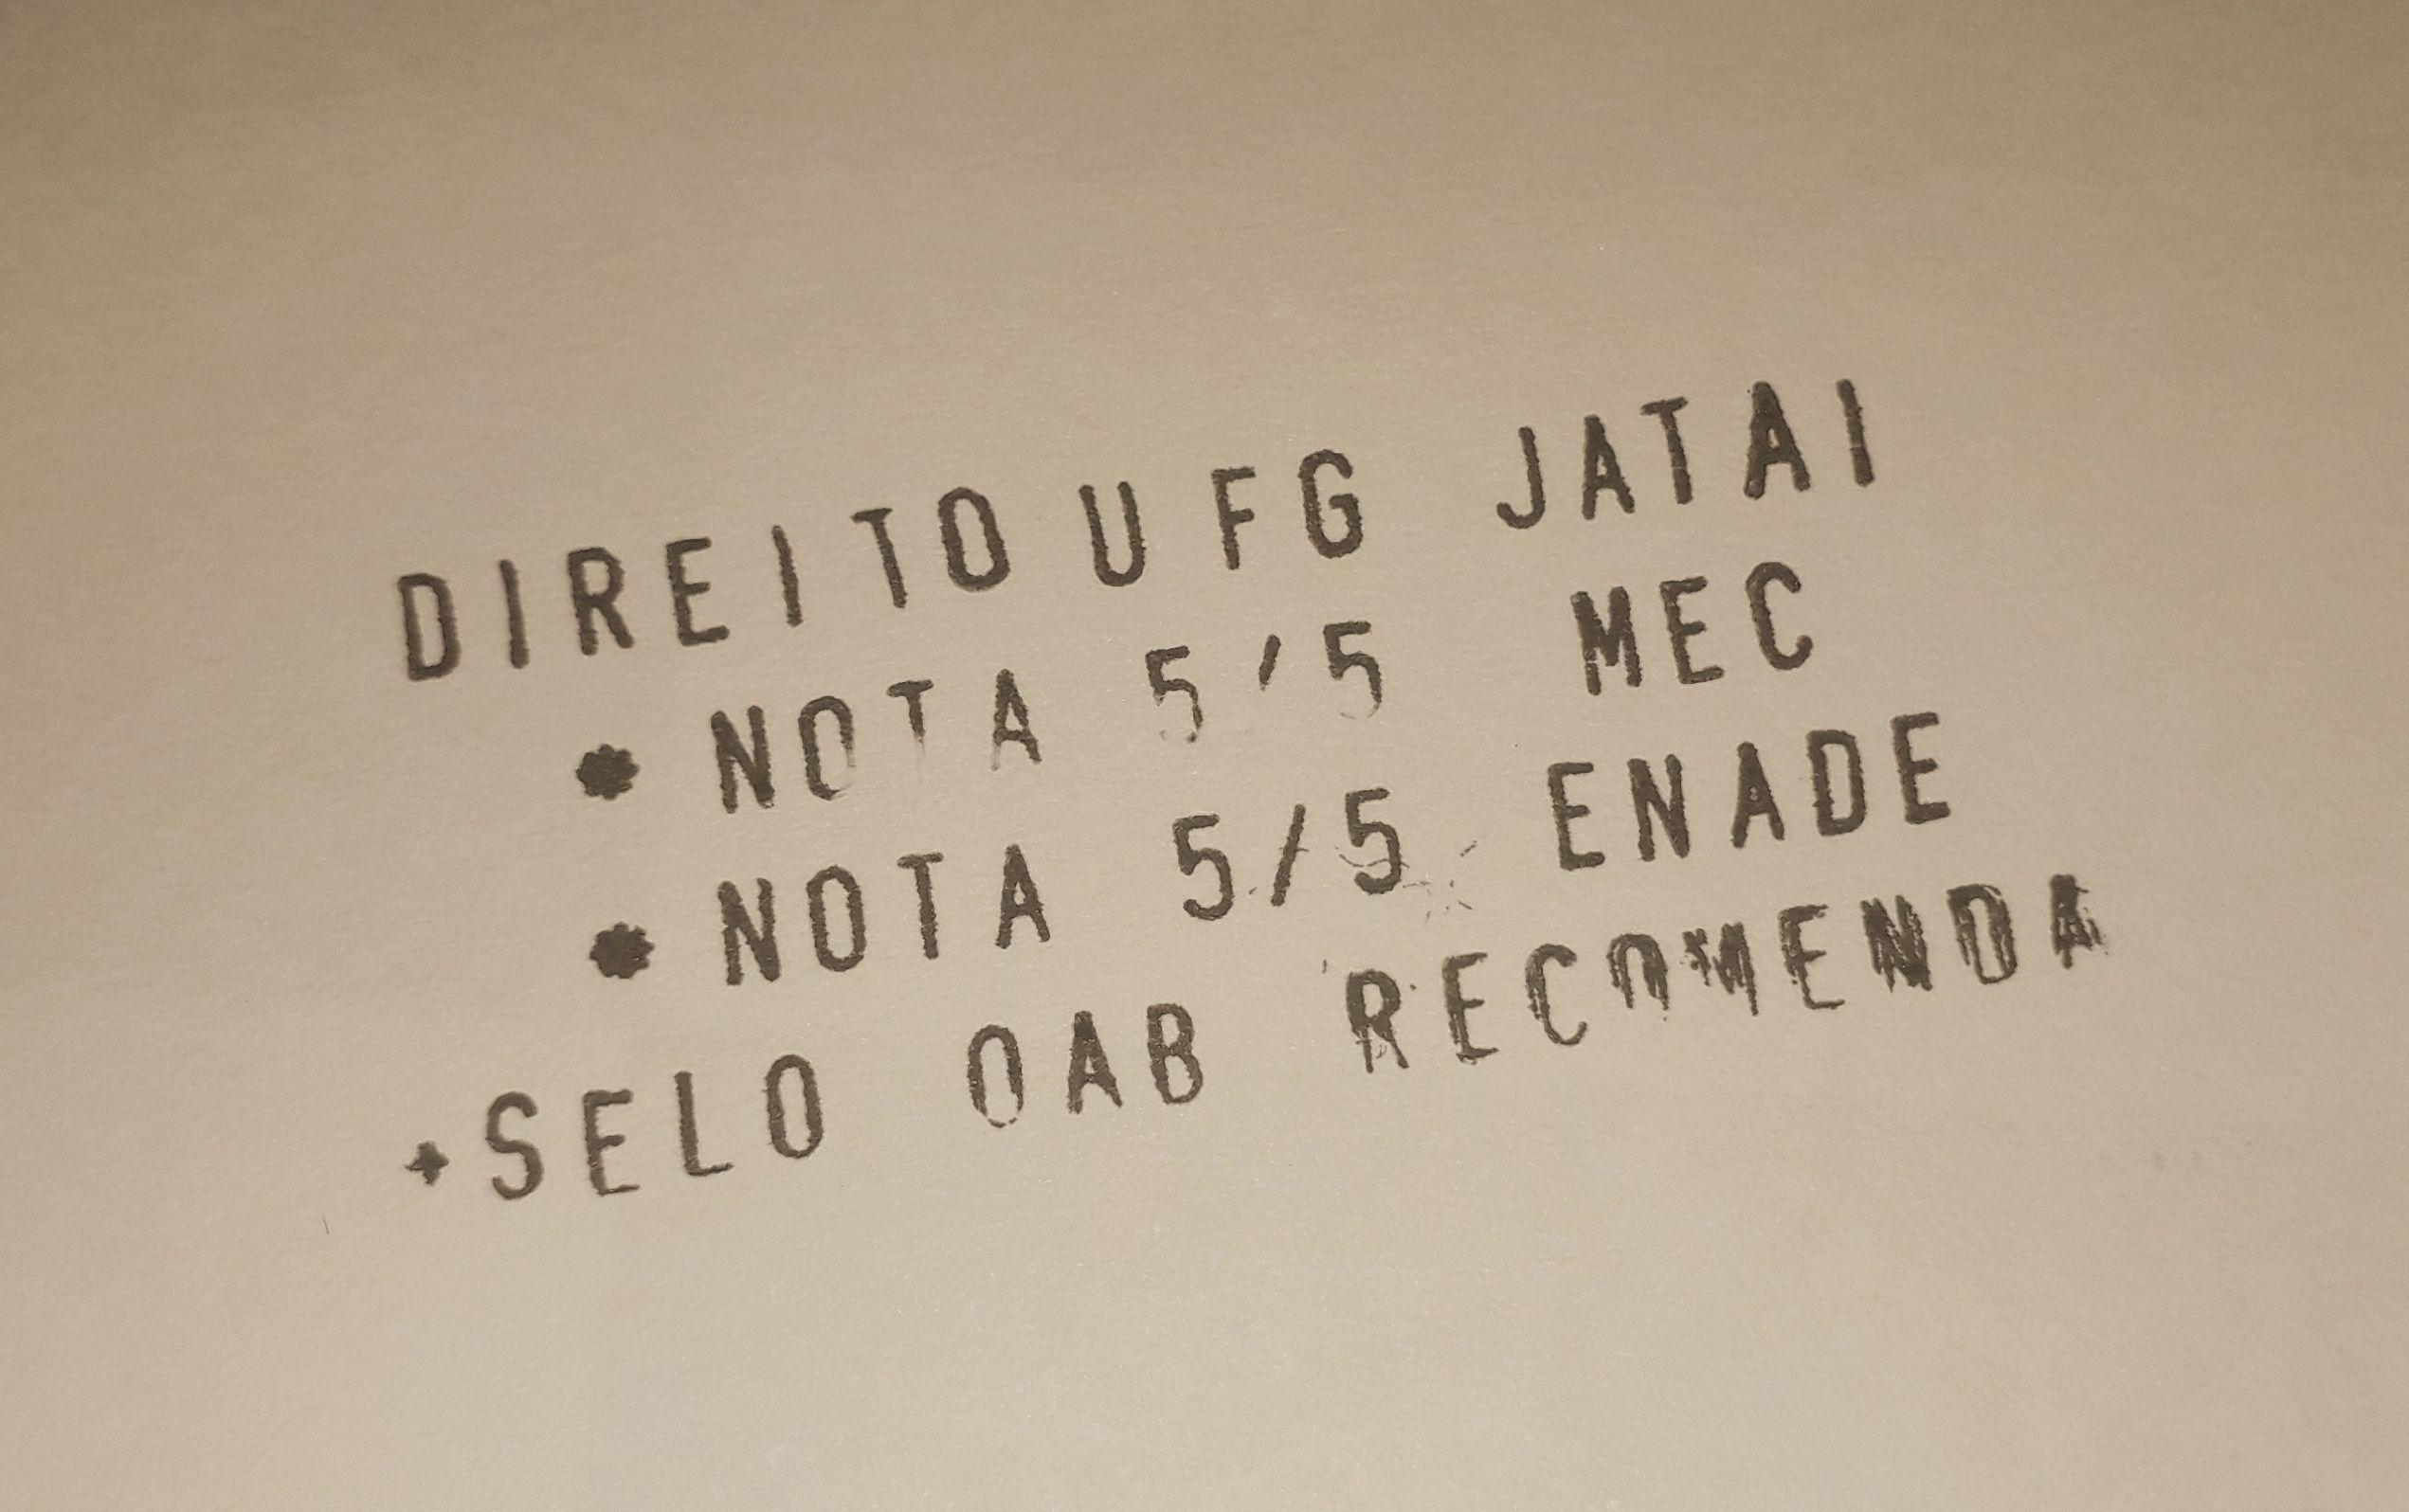 Premiação OAB.MEC e ENADE